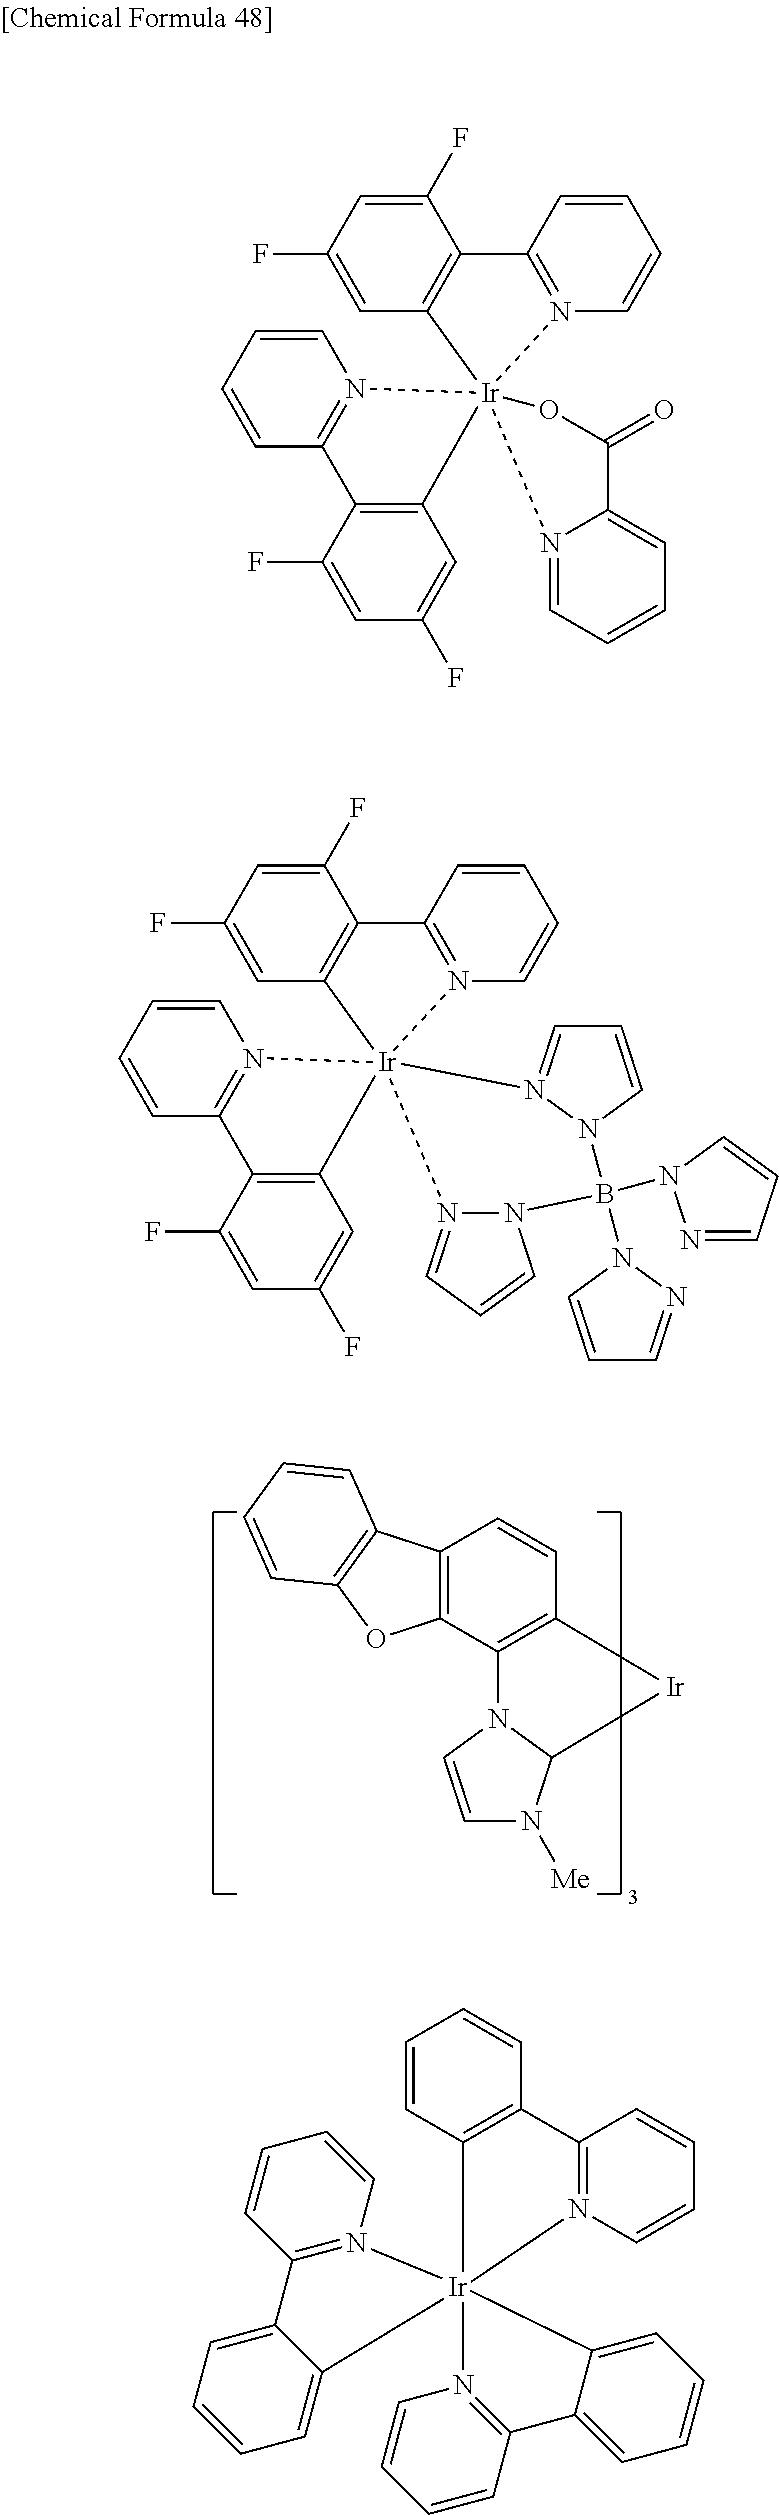 Figure US20150280139A1-20151001-C00122